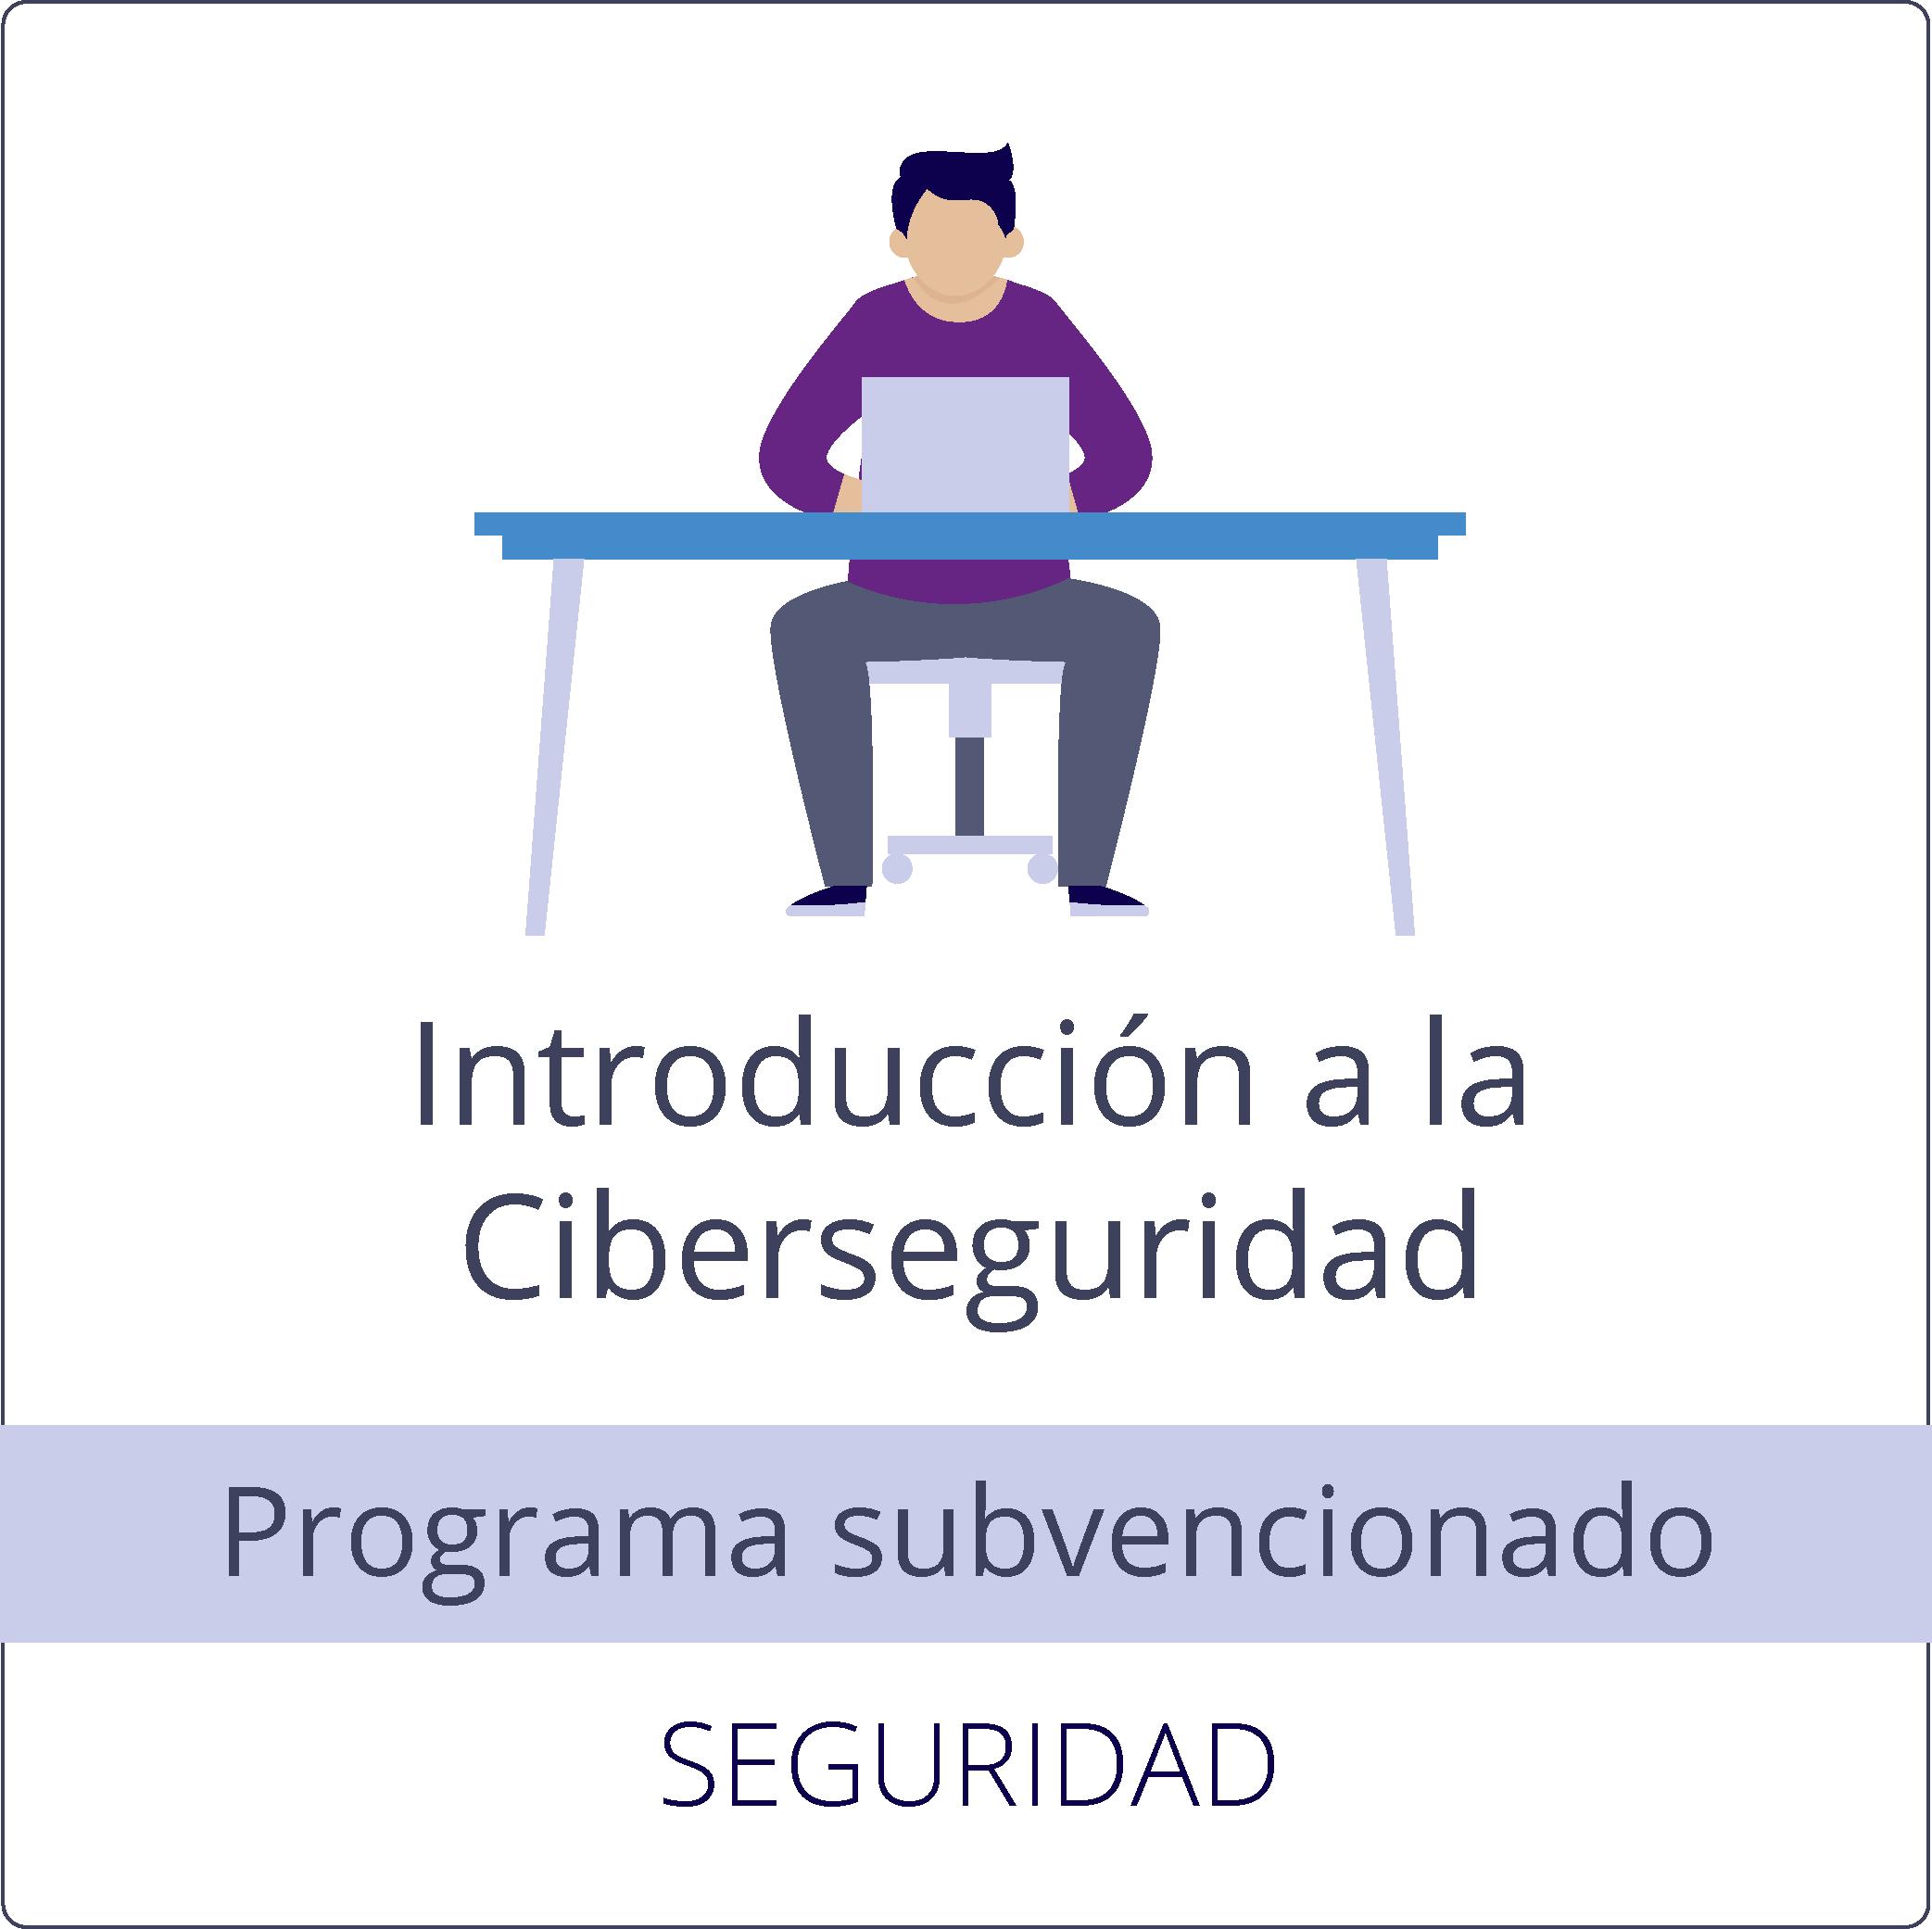 Introducción a la Ciberseguridad (gratuito)